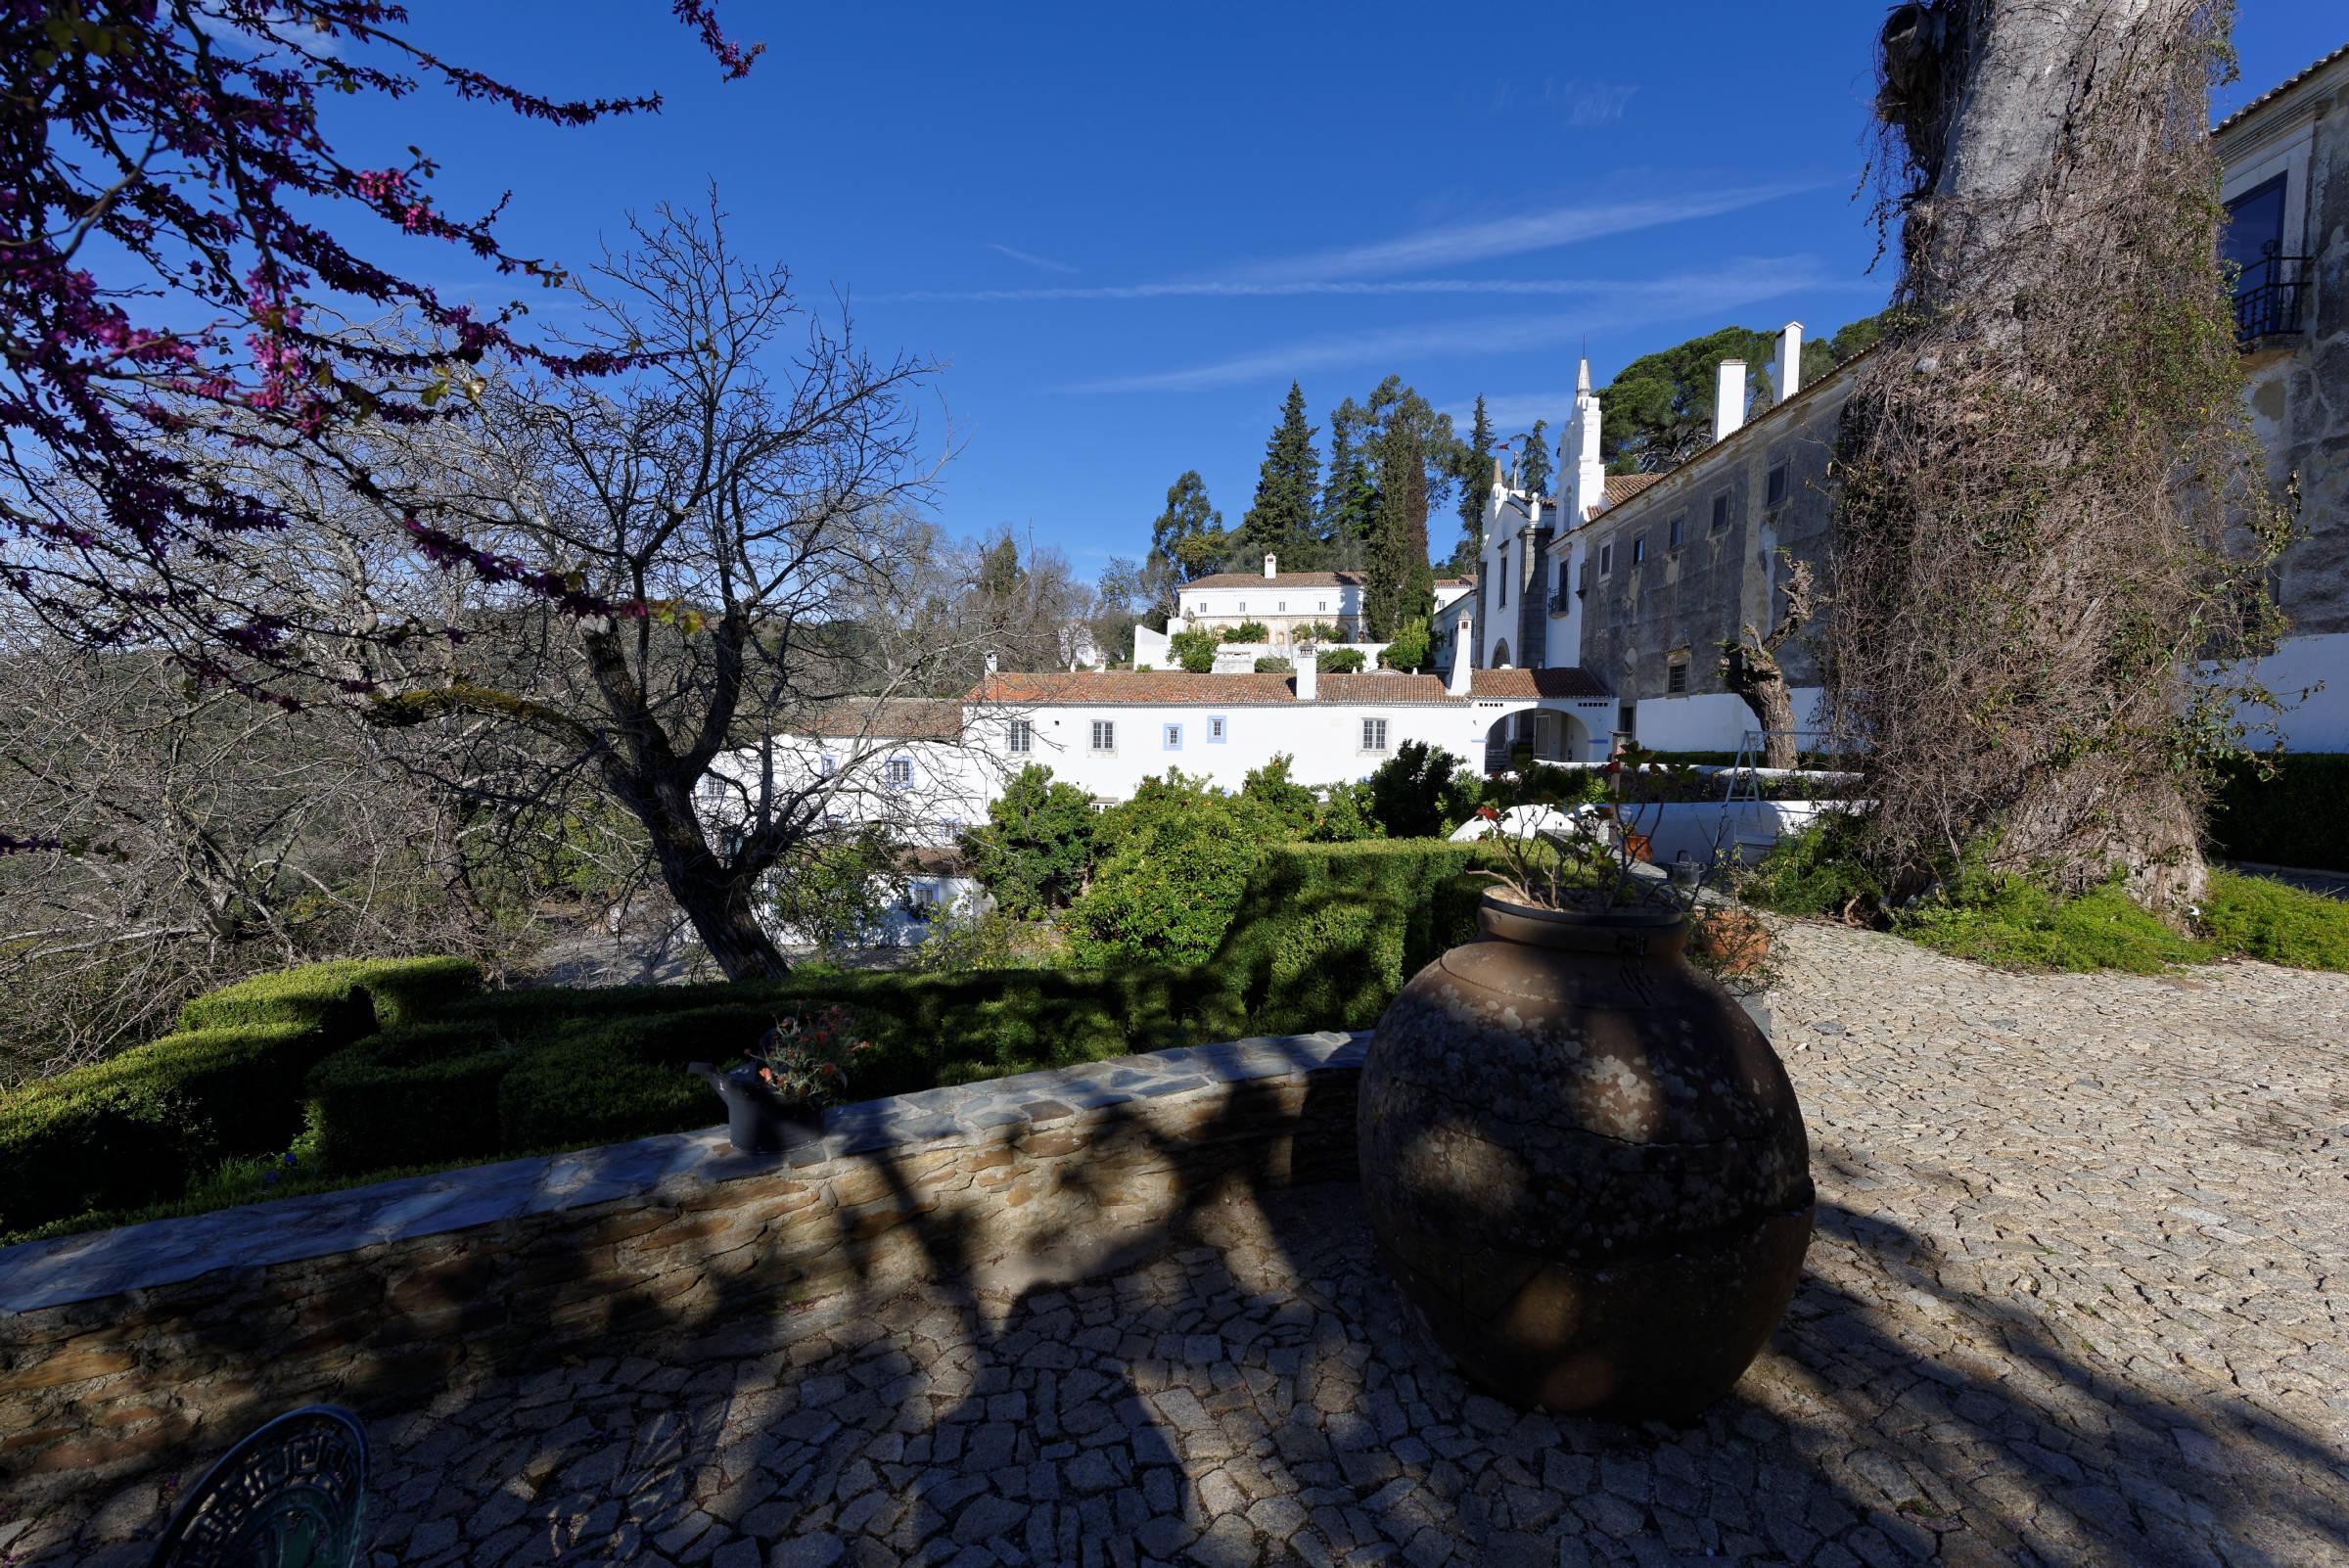 160407-Convento de sao paulo (Alentero Portugal) (181)